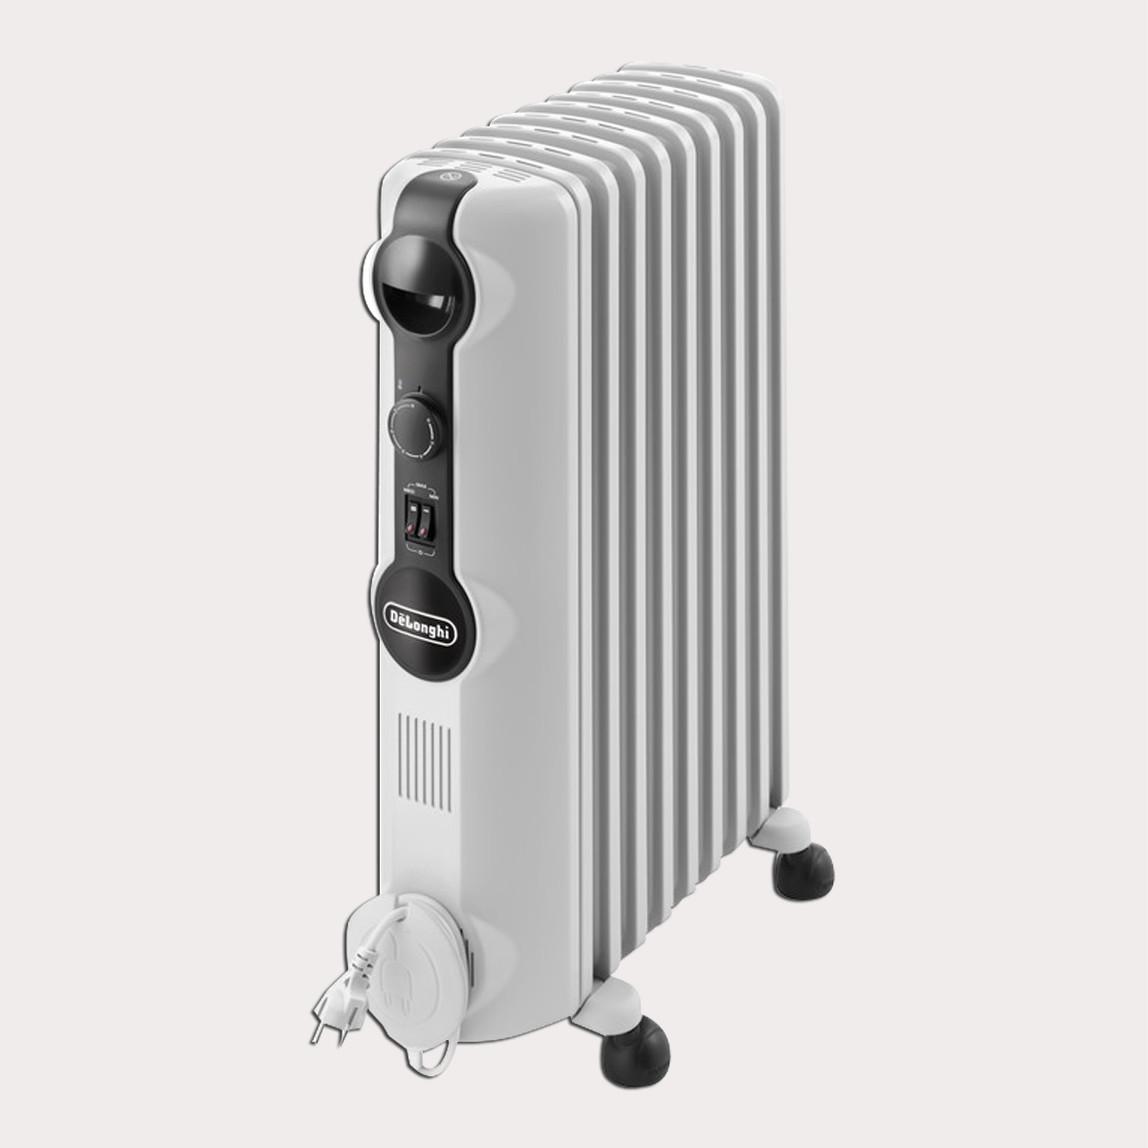 Delonghi TRRS0920 Radia Serisi 9 Dilimli 2000W Yağlı Radyatör